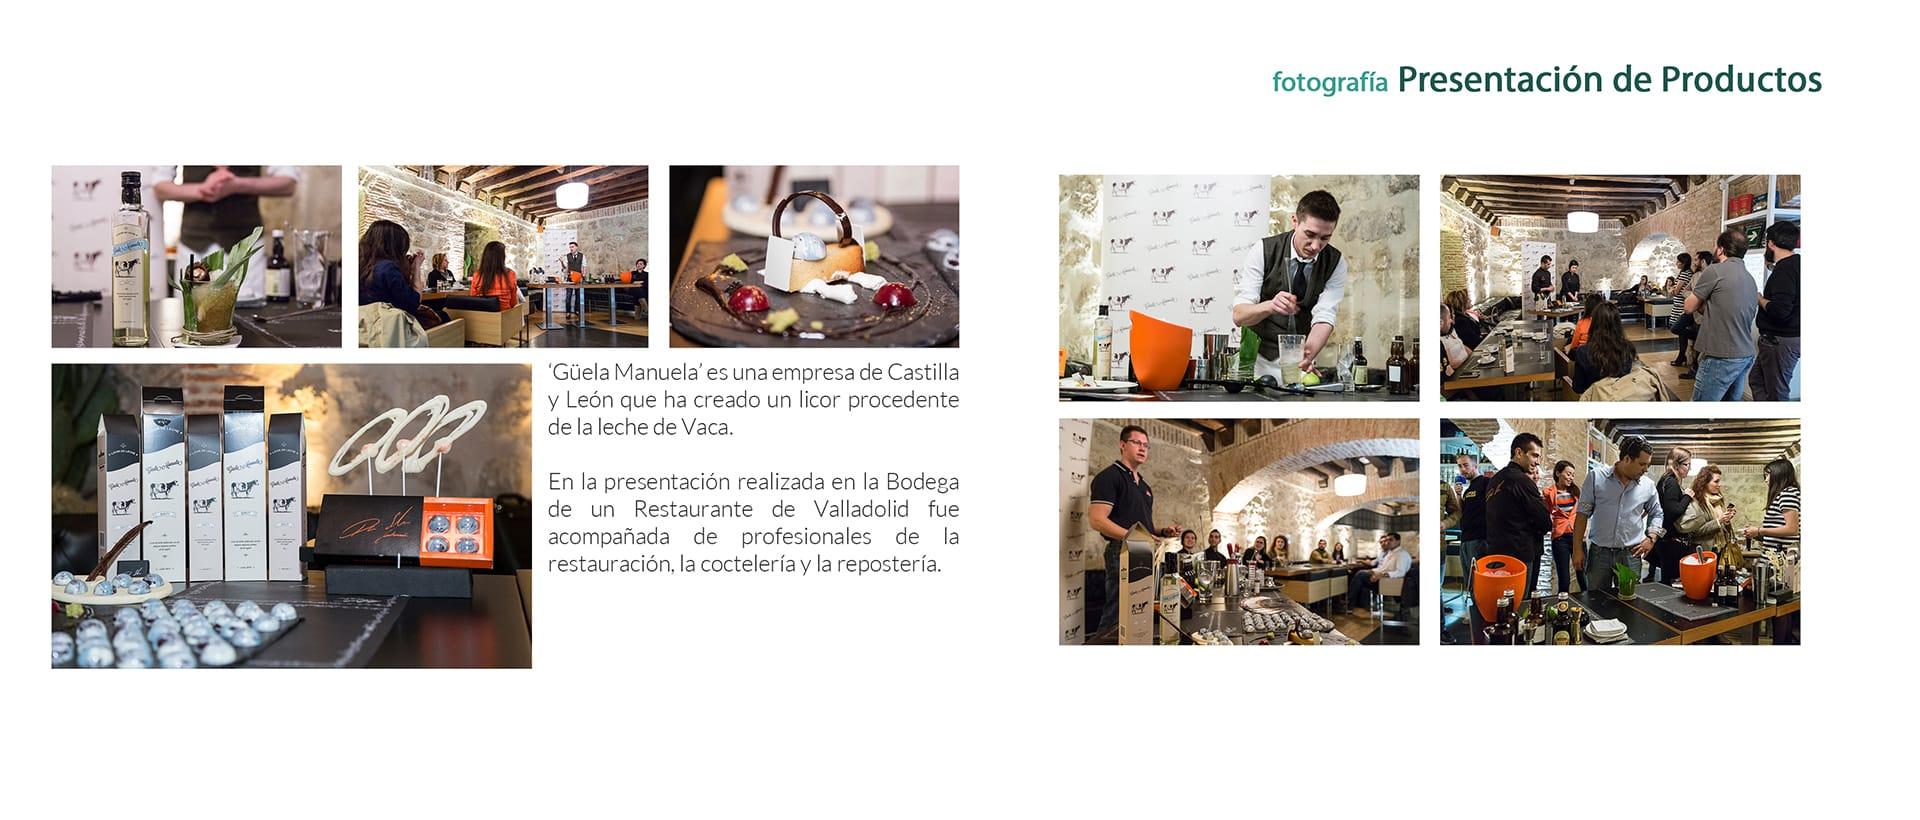 Fotógrafo en Eventos Presentación de Productos